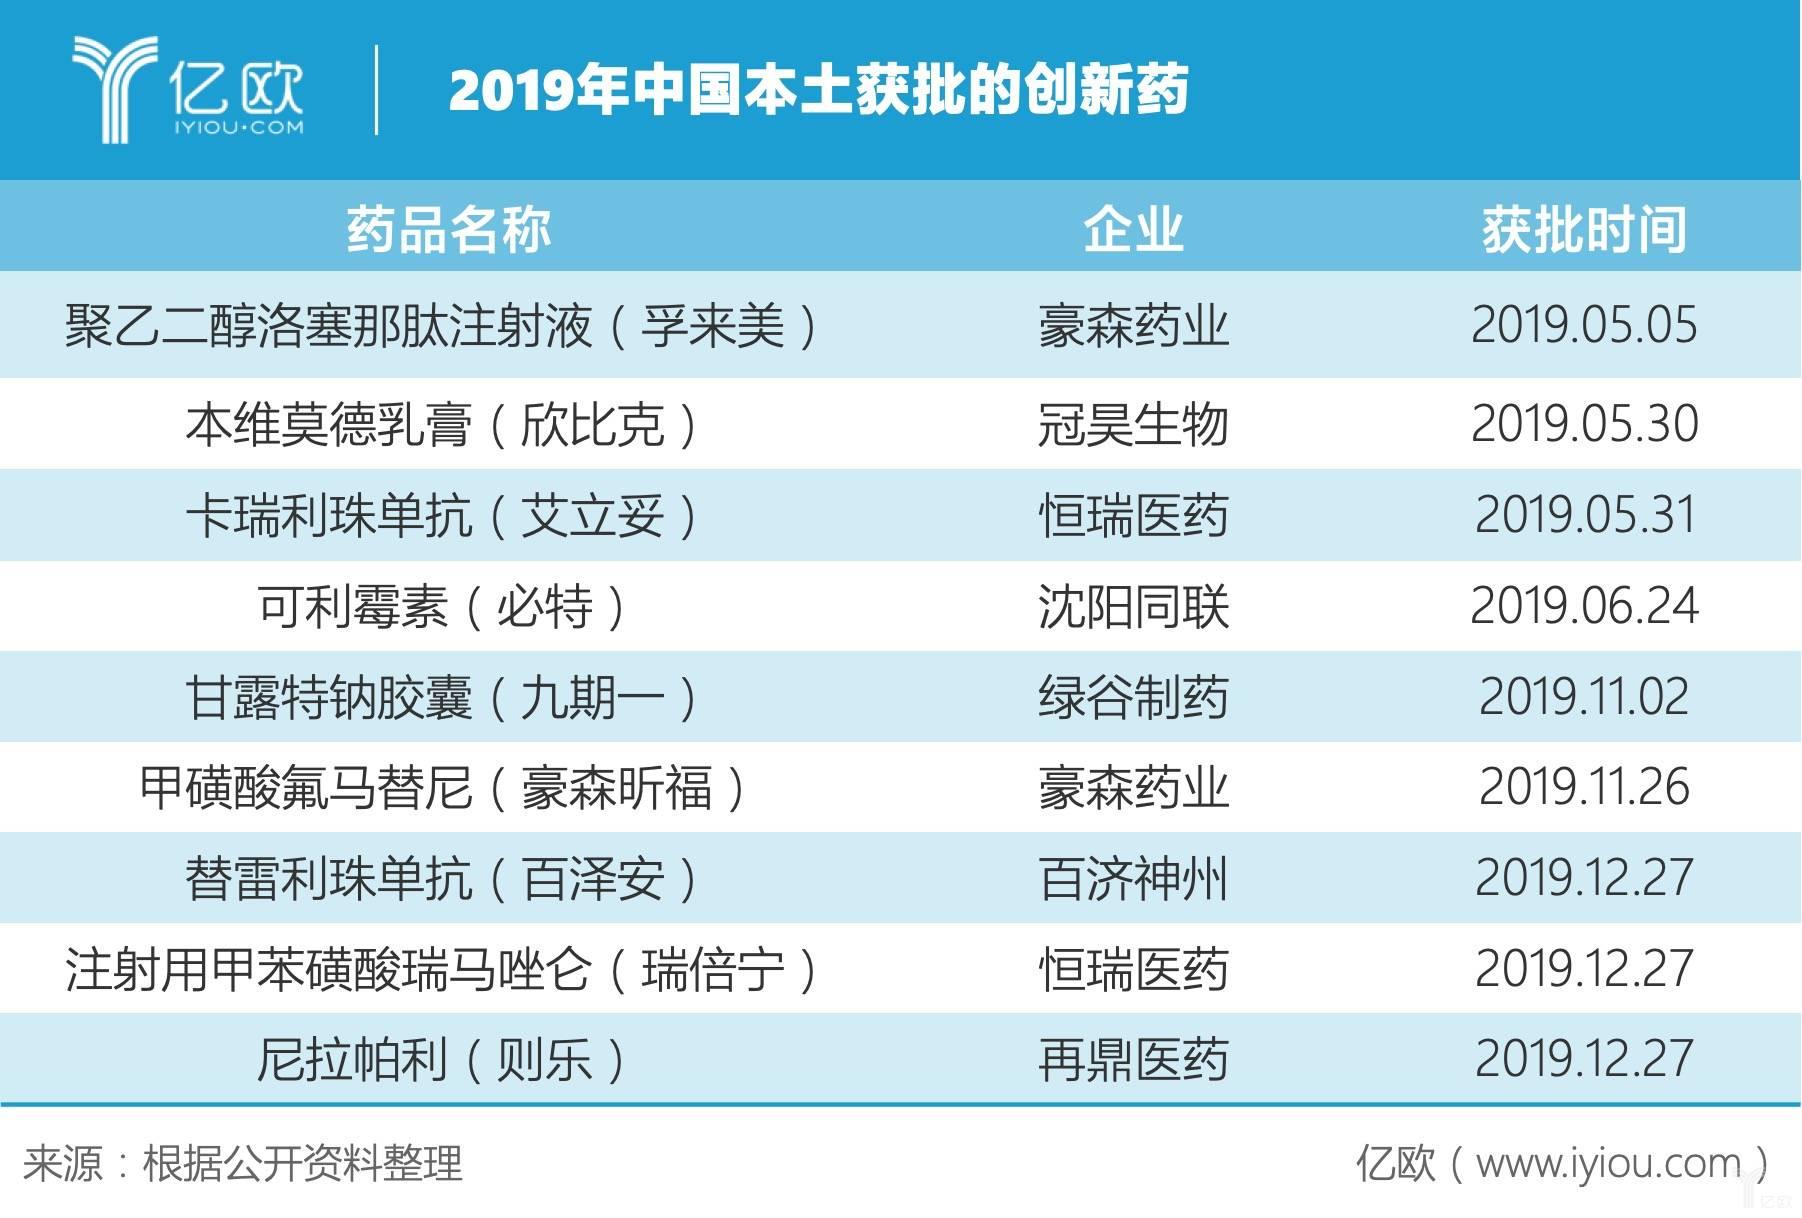 2019年中国本土获批的创新药.jpg